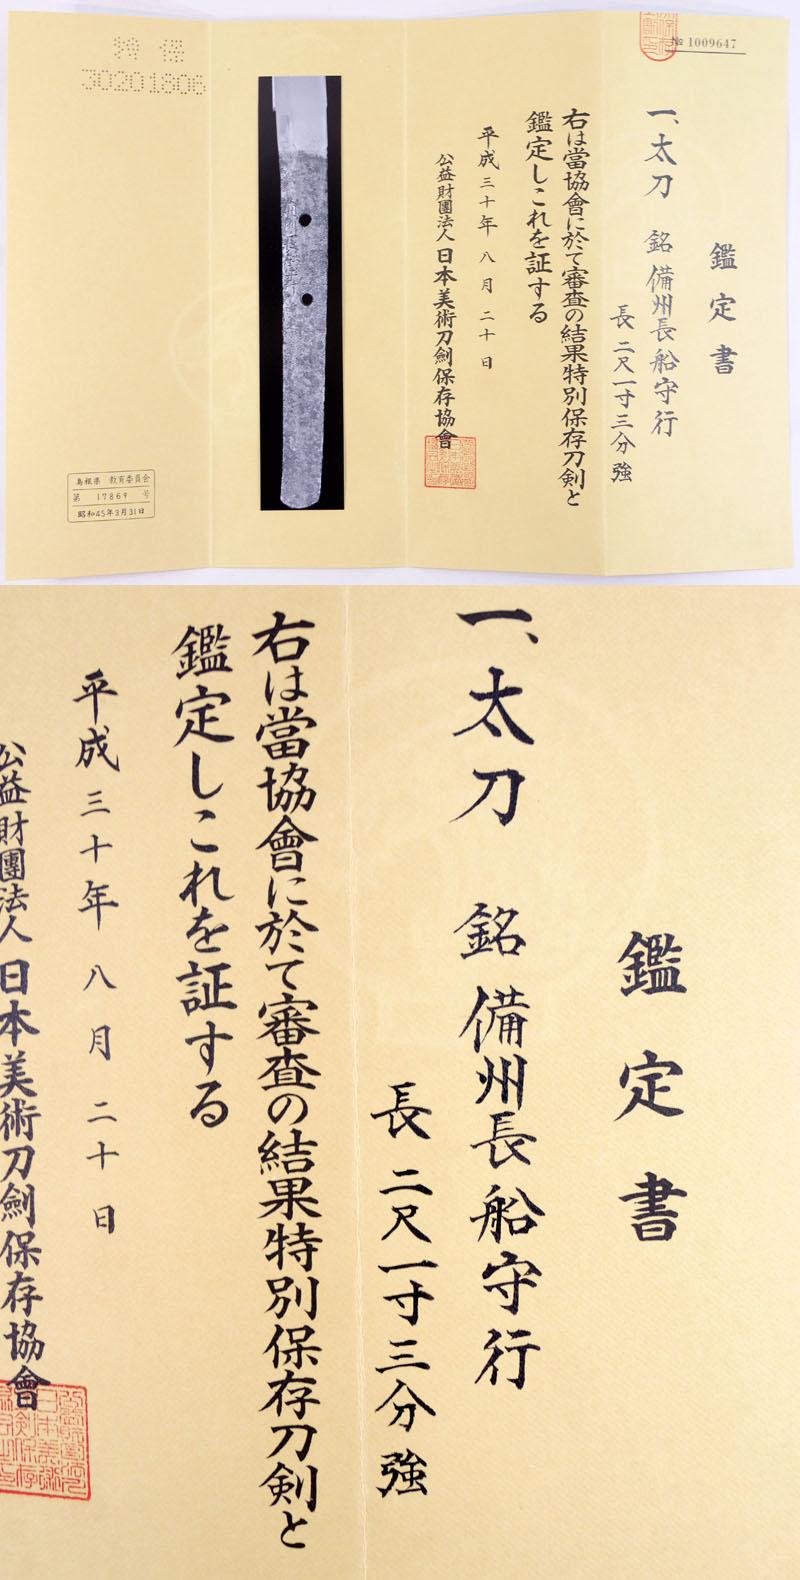 備州長船守行 Picture of Certificate